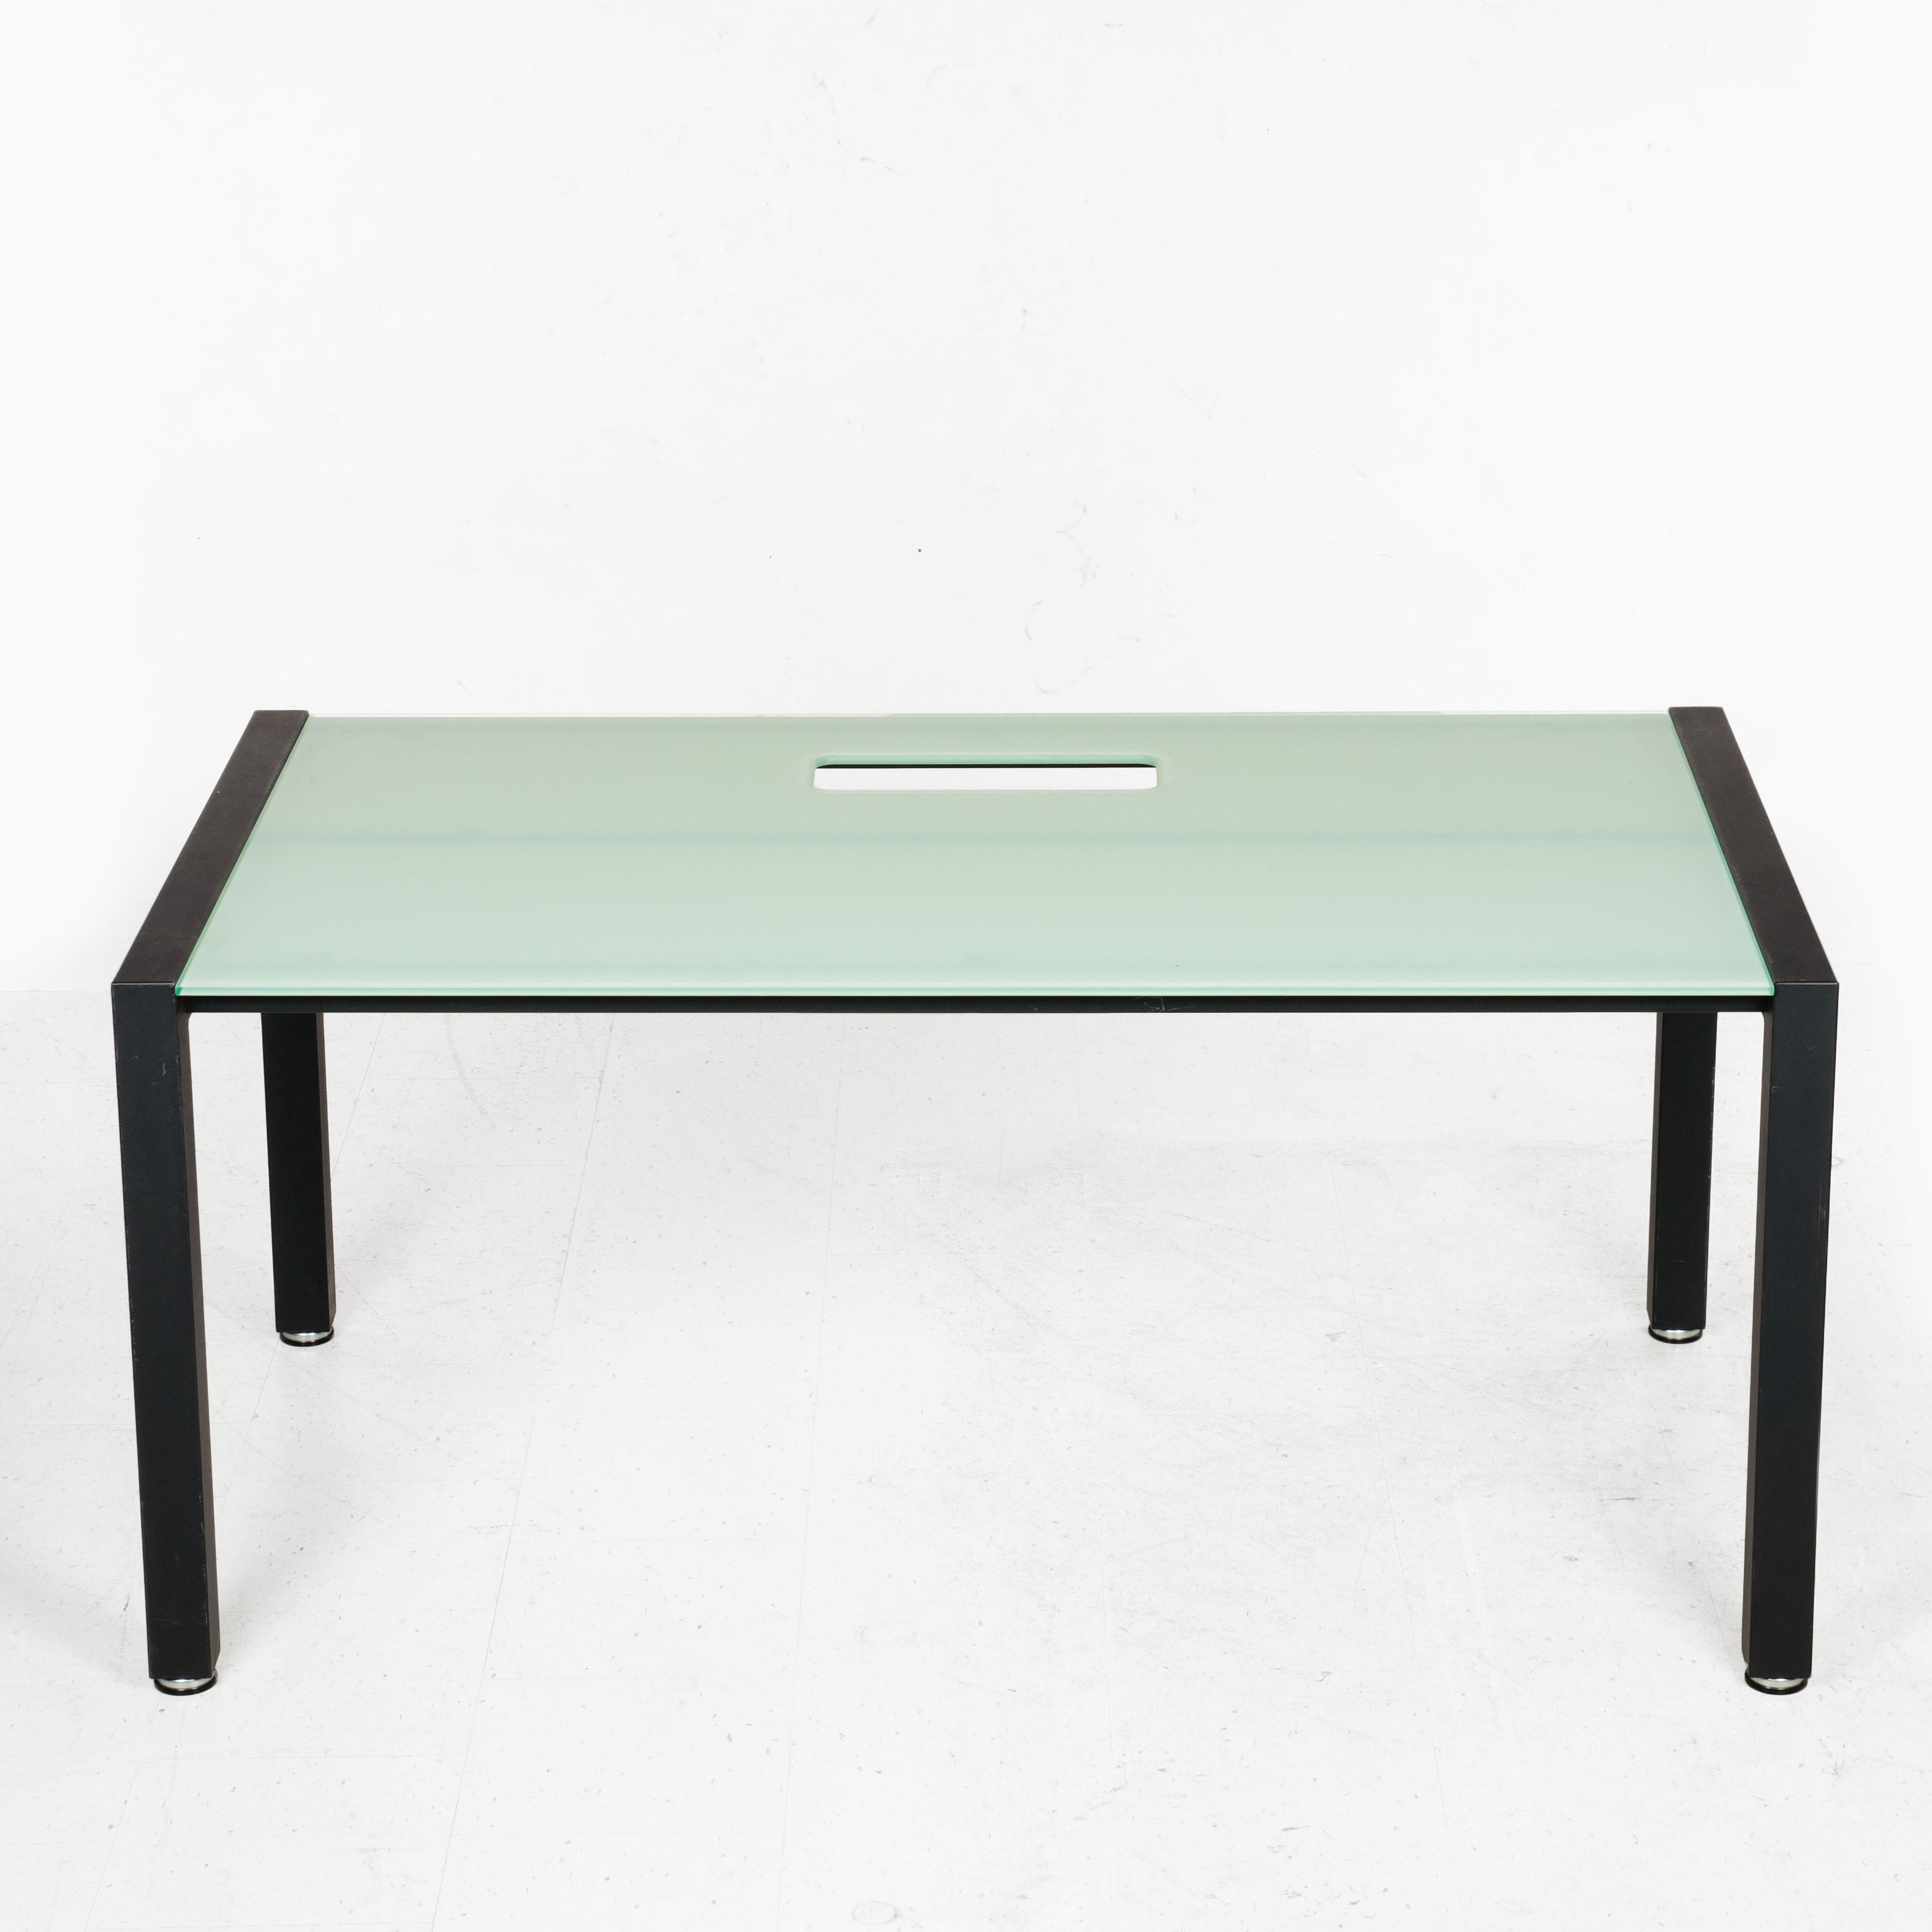 Holmris Skrivebord Med Glasplade 150x90